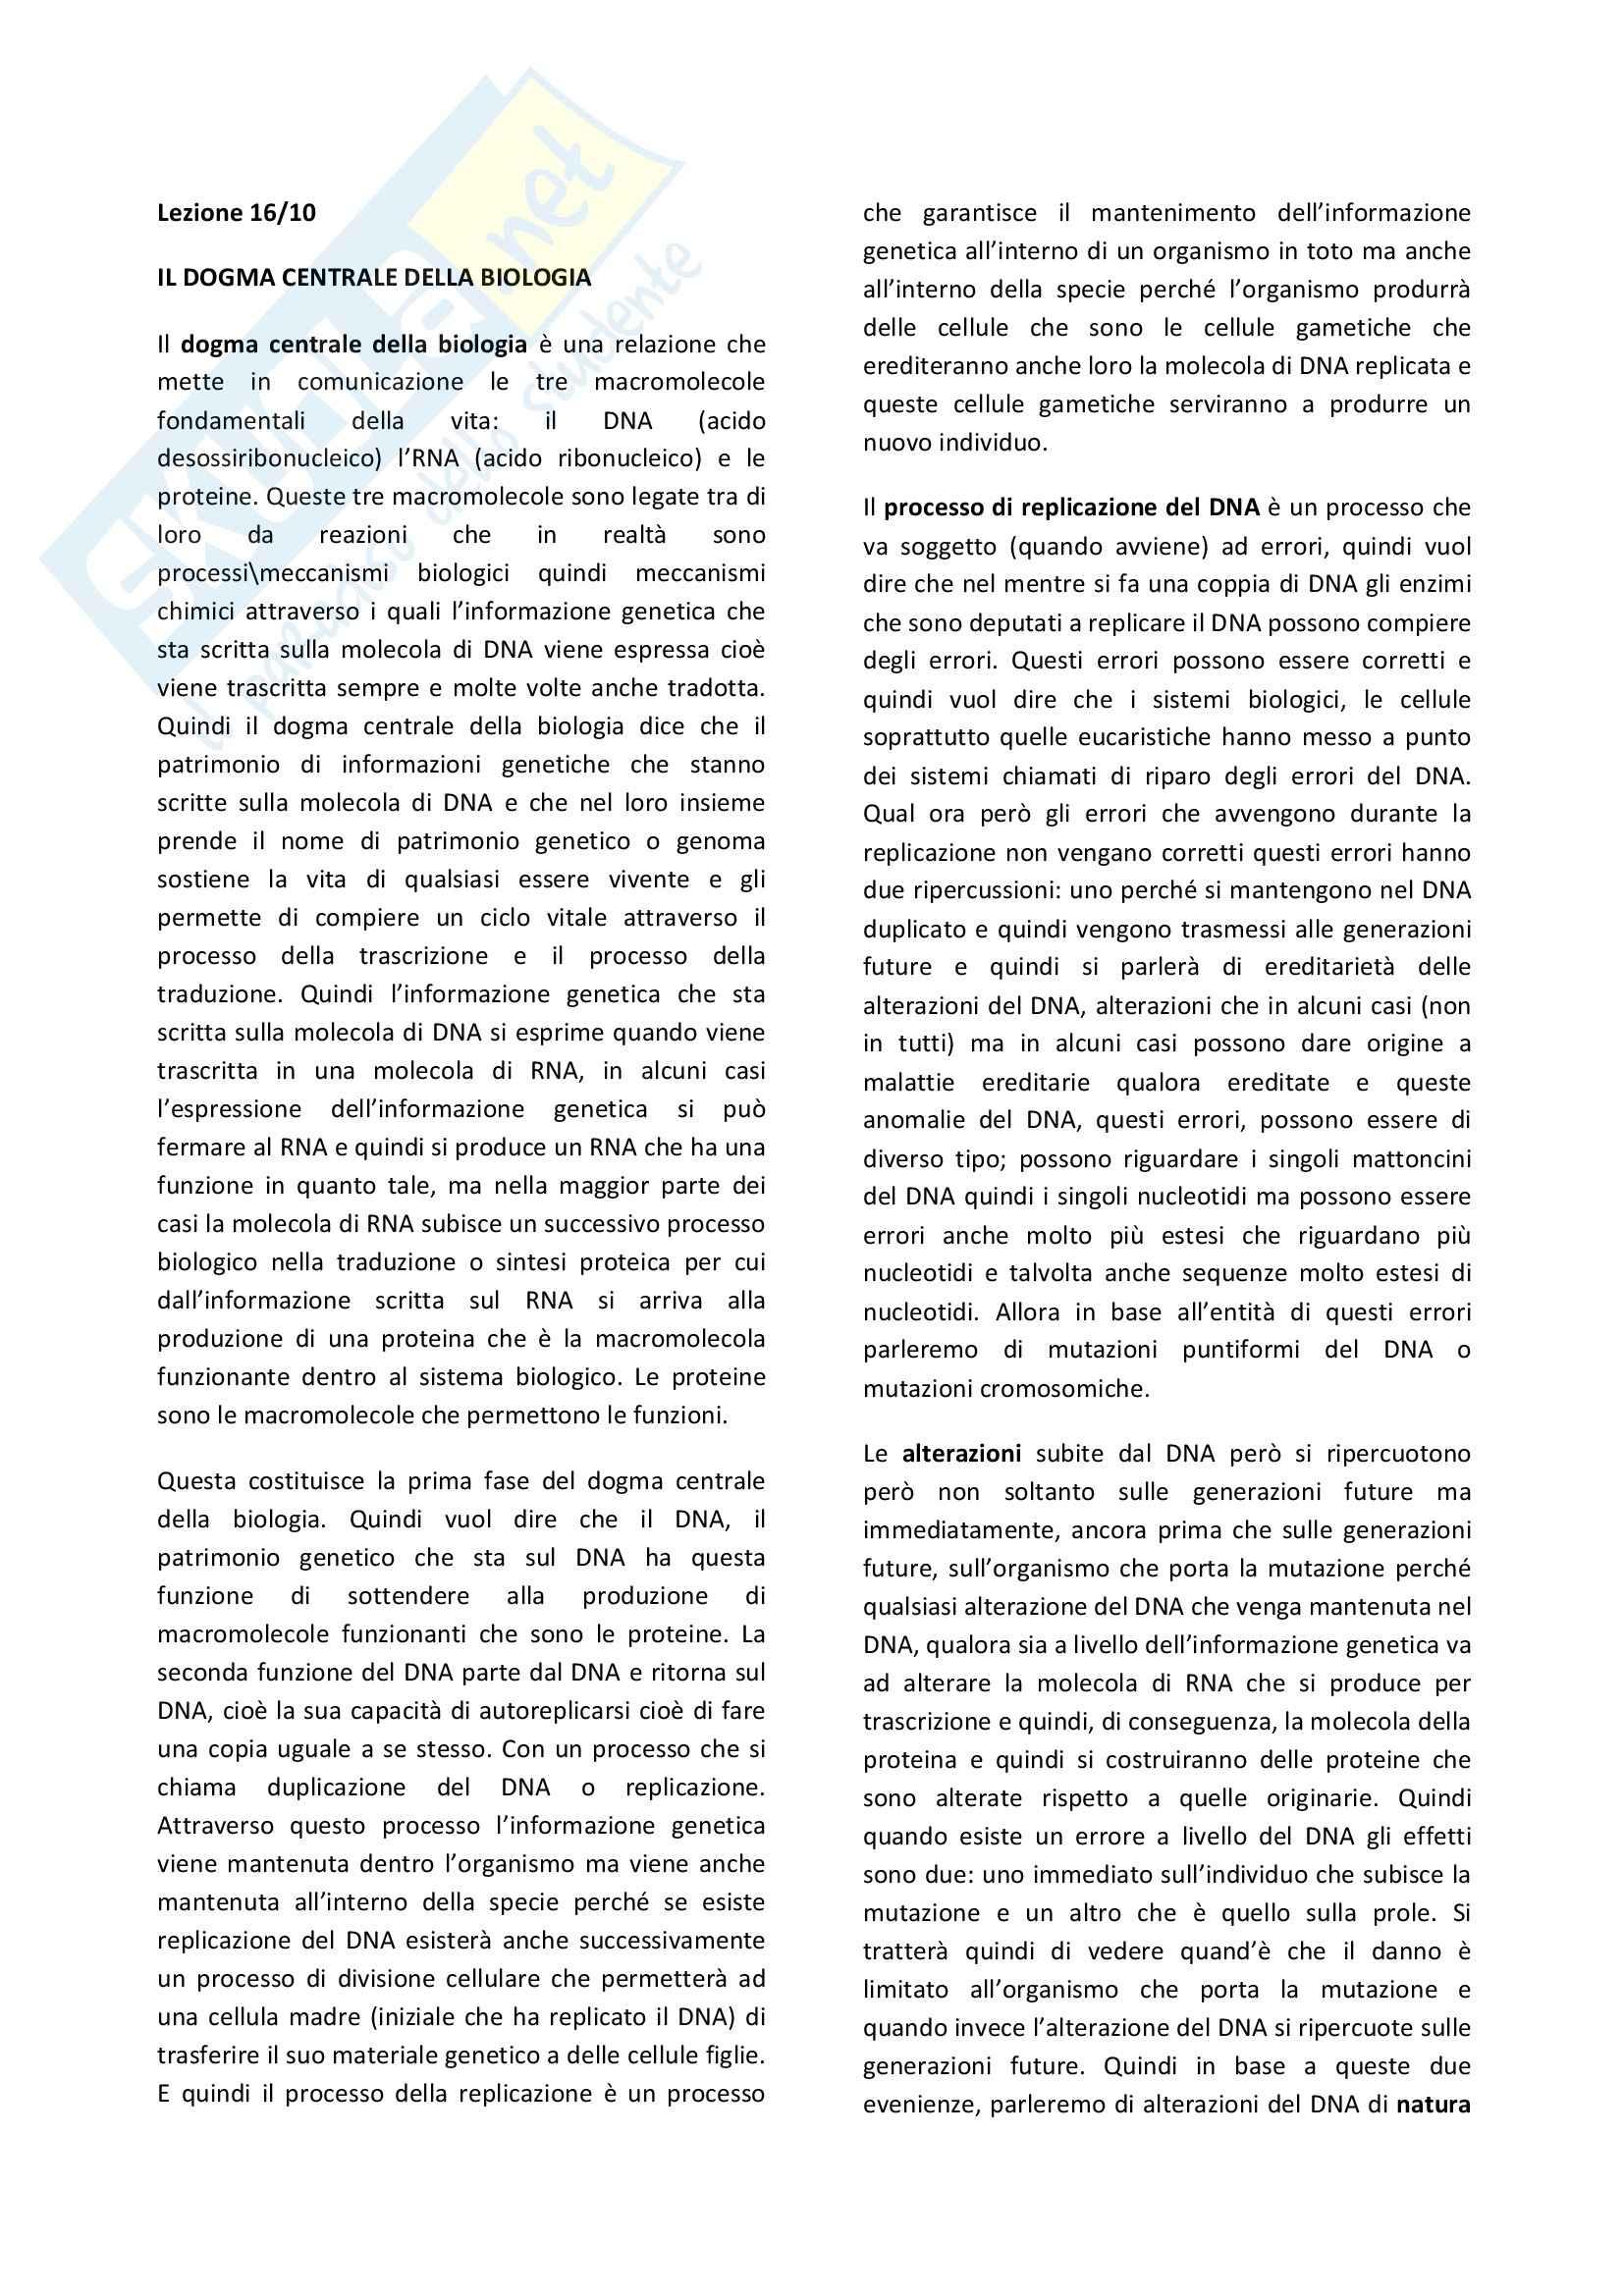 Biologia cellulare - il dogma centrale della biologia e la struttura del DNA